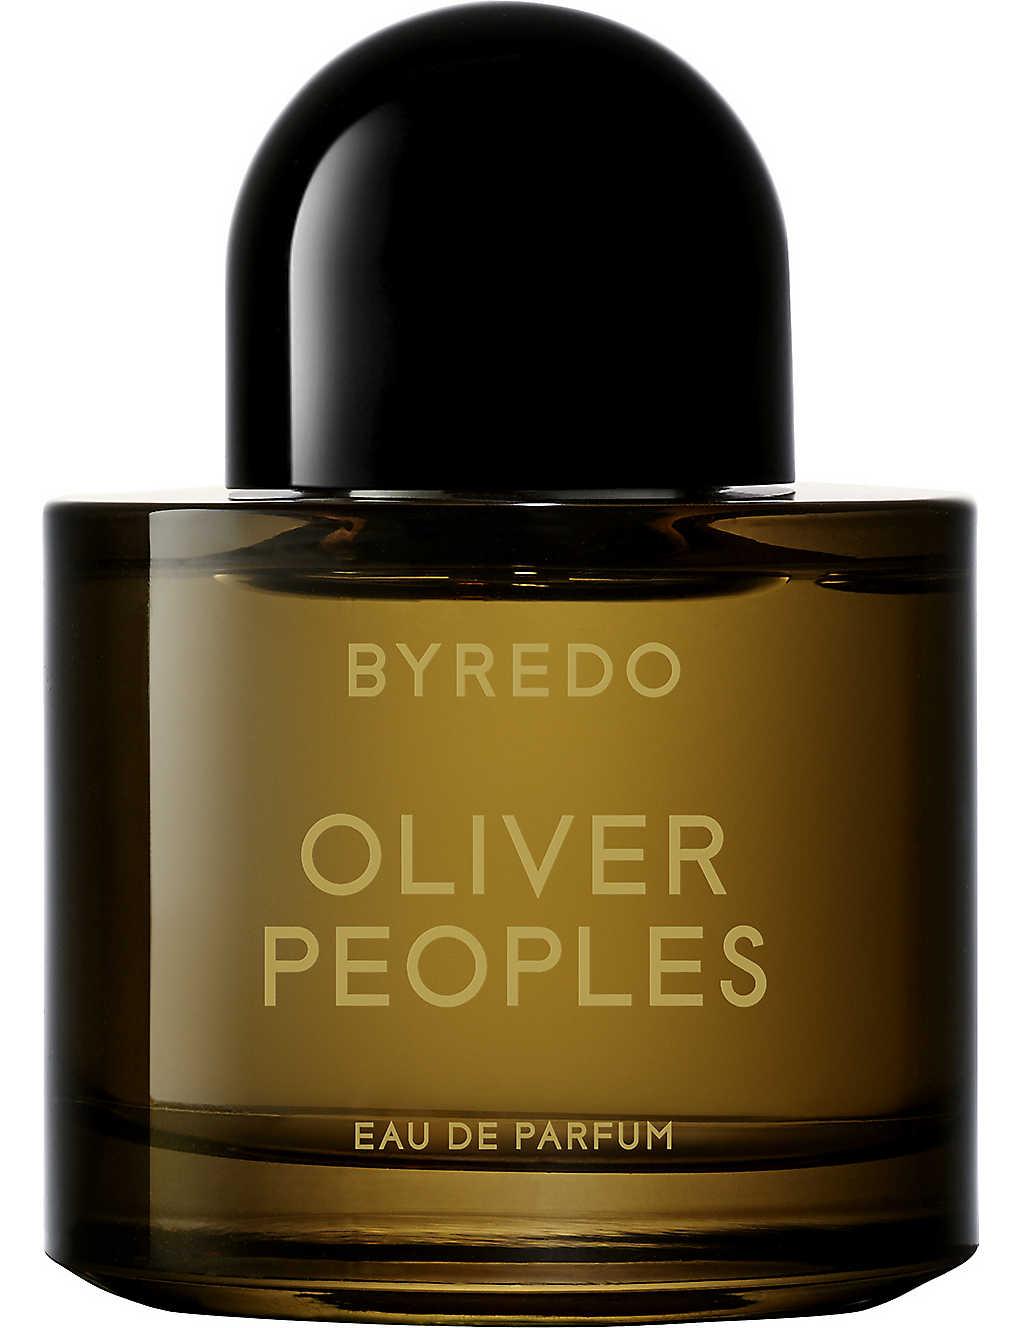 1f7258c7846b8 BYREDO - Oliver Peoples eau de parfum 50ml